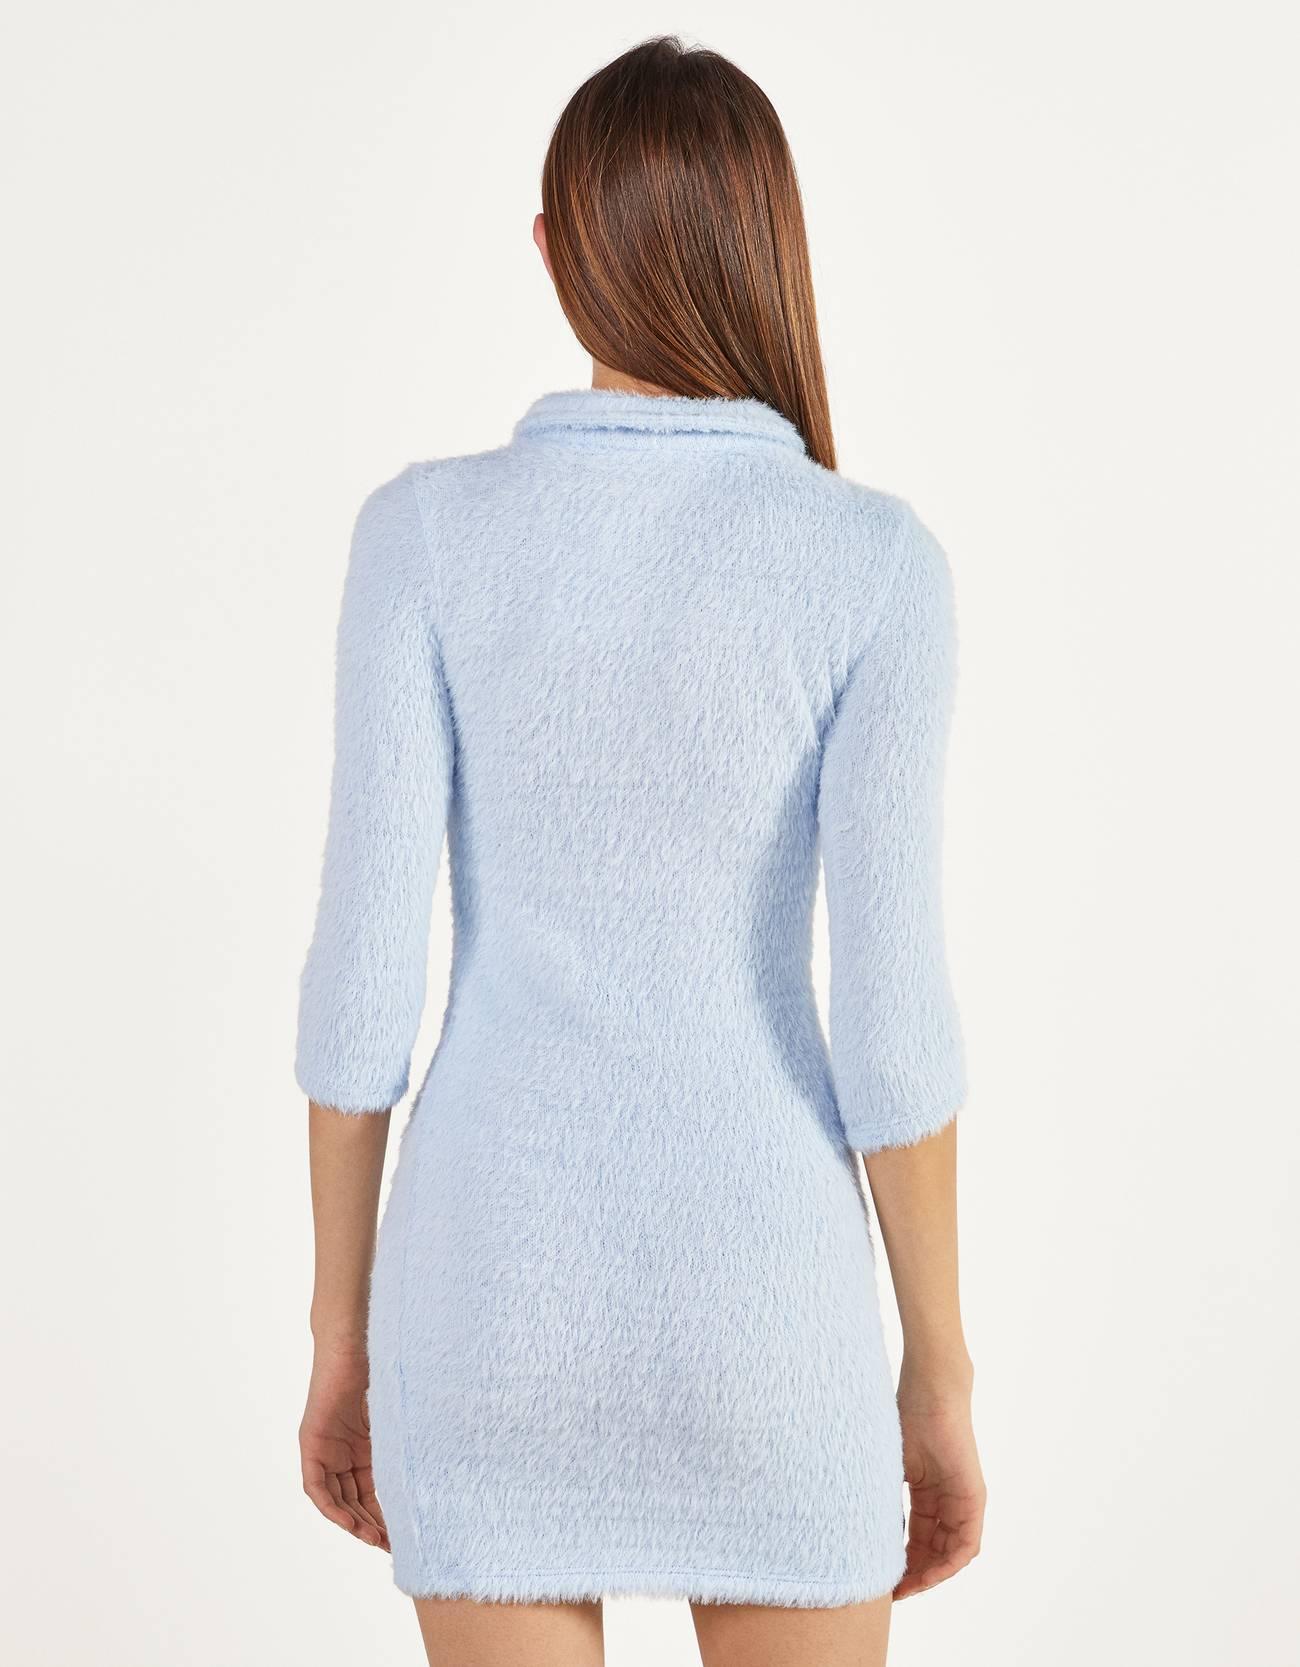 Короткое платье из искусственного меха Синий Bershka